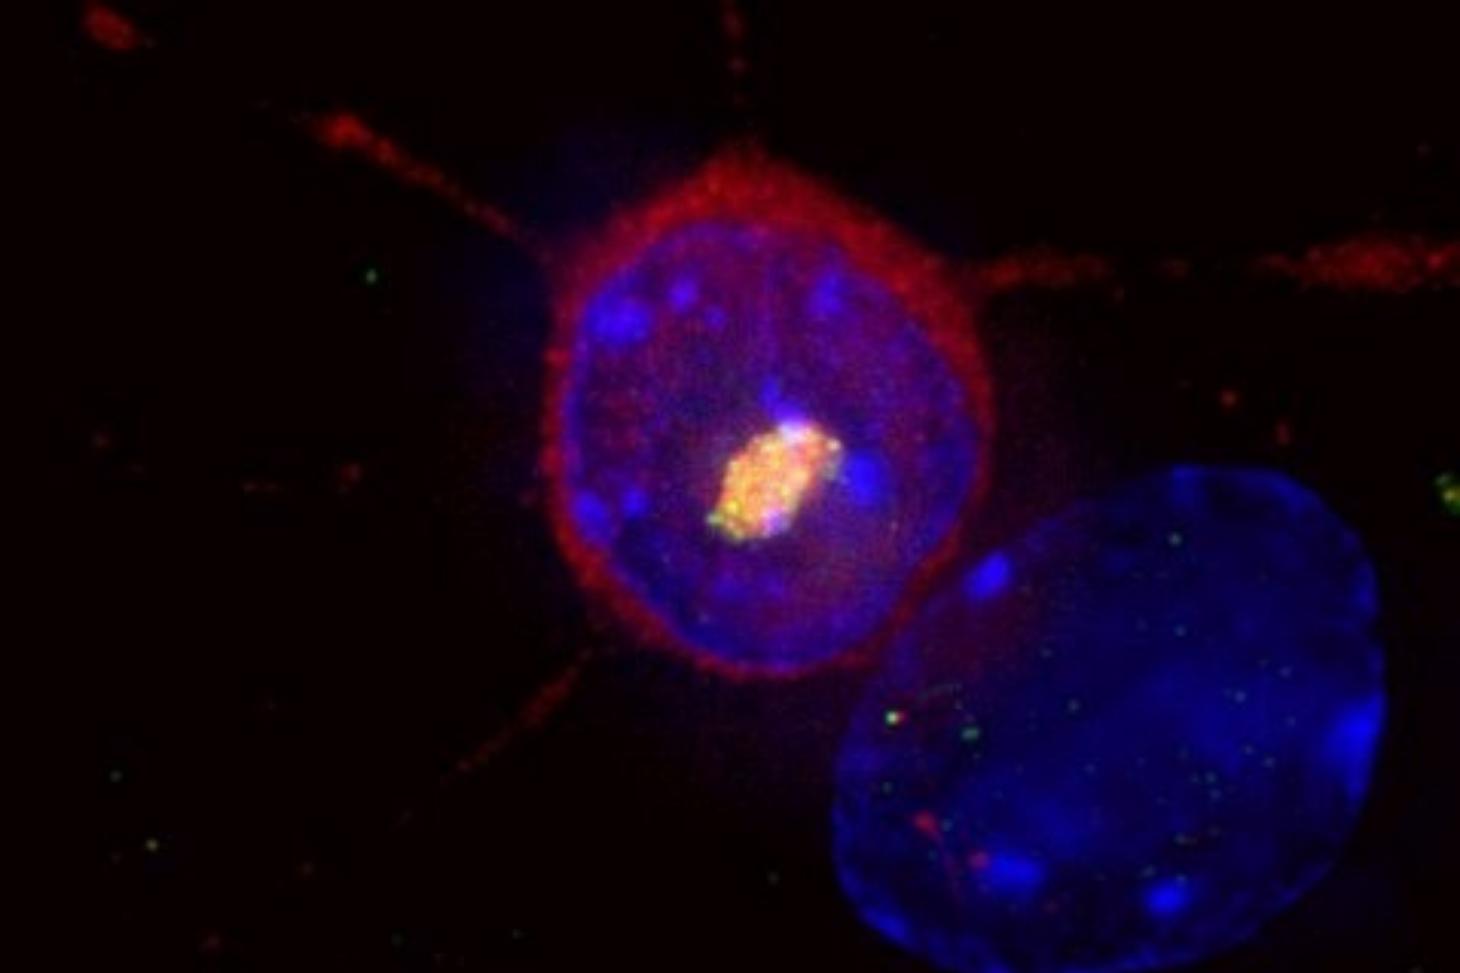 La maladie de Huntington est une pathologie neurodégénérative rare et héréditaire. Ici, un neurone du striatum exprimant la protéine huntingtine mutante (en rouge) à l'origine de la maladie de Huntington qui s'accumule dans le noyau (bleu) pour former un